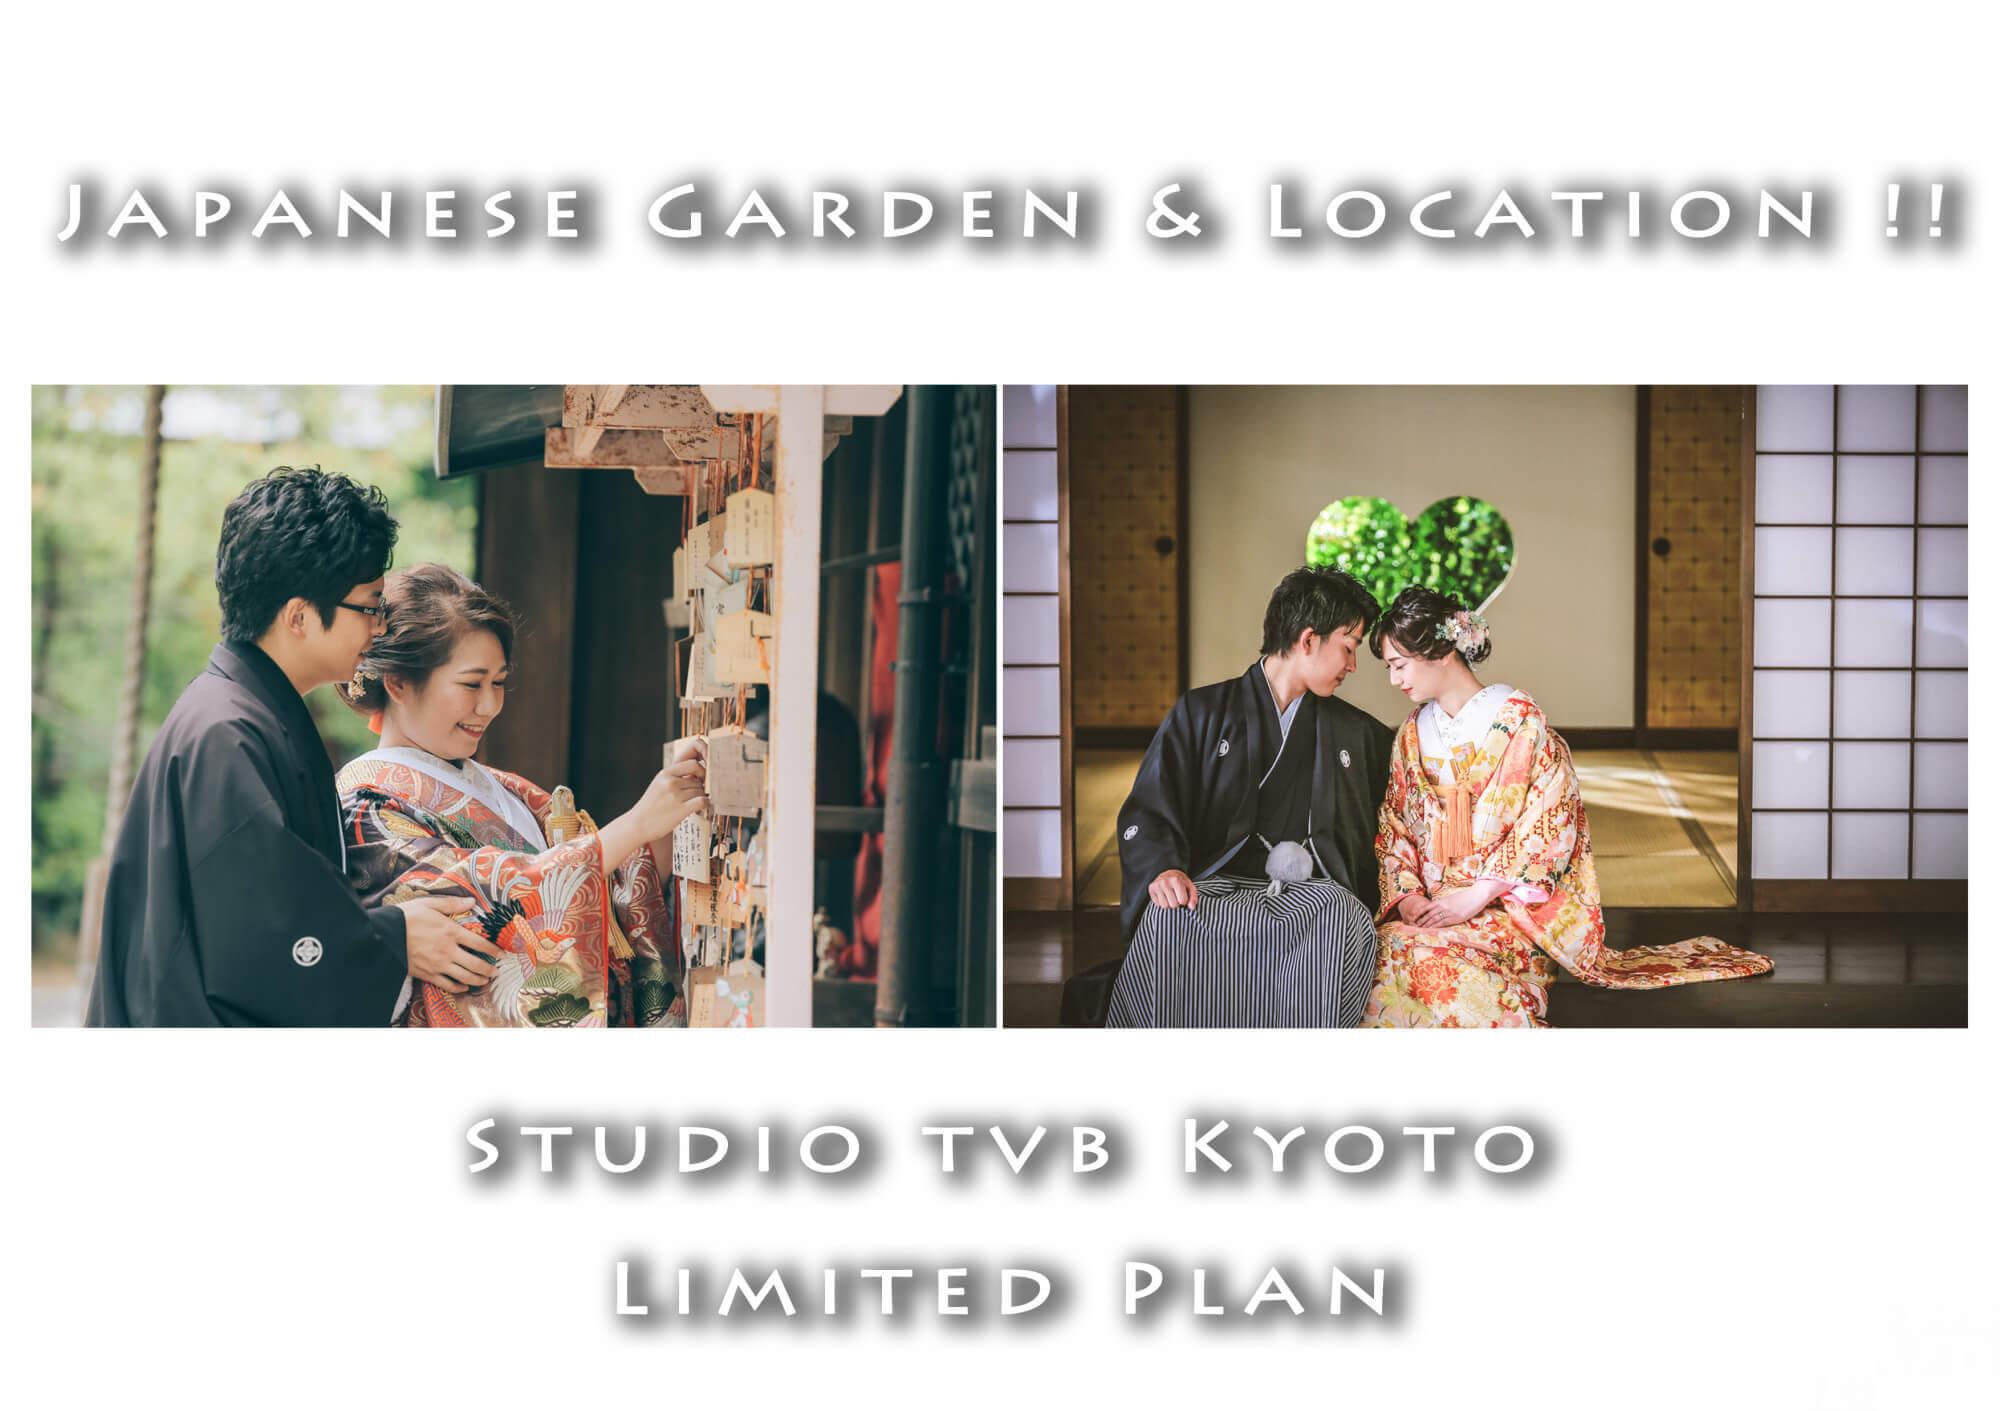 【期間限定!!】今ならロケーション撮影に 屋内庭園撮影 30分 無料でついてきます!!